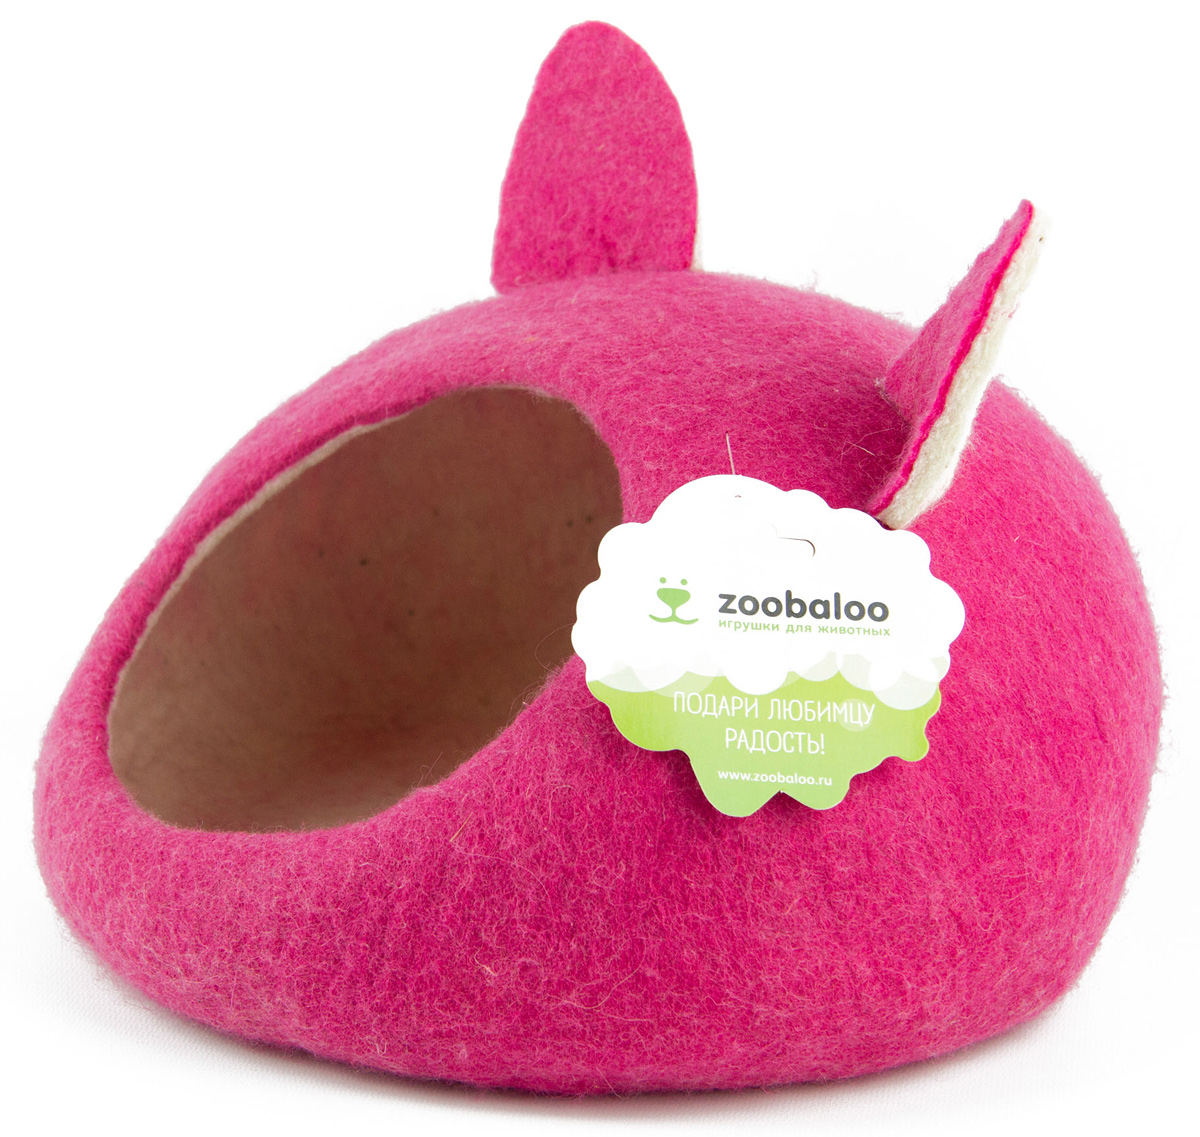 Домик-слипер для животных Zoobaloo WoolPetHouse, с ушками, цвет: малиновый, размер L12171996Домик-слипер Zoobaloo WoolPetHouse предназначен для отдыха и сна питомца. Домик изготовлен из 100% шерсти мериноса. Учтены все особенности животного сна: форма, цвет, материал этого домика - все подобрано как нельзя лучше! В нем ваш любимец будет видеть только цветные сны. Шерсть мериноса обеспечит превосходный микроклимат внутри домика, а его форма позволит питомцу засыпать в самой естественной позе.